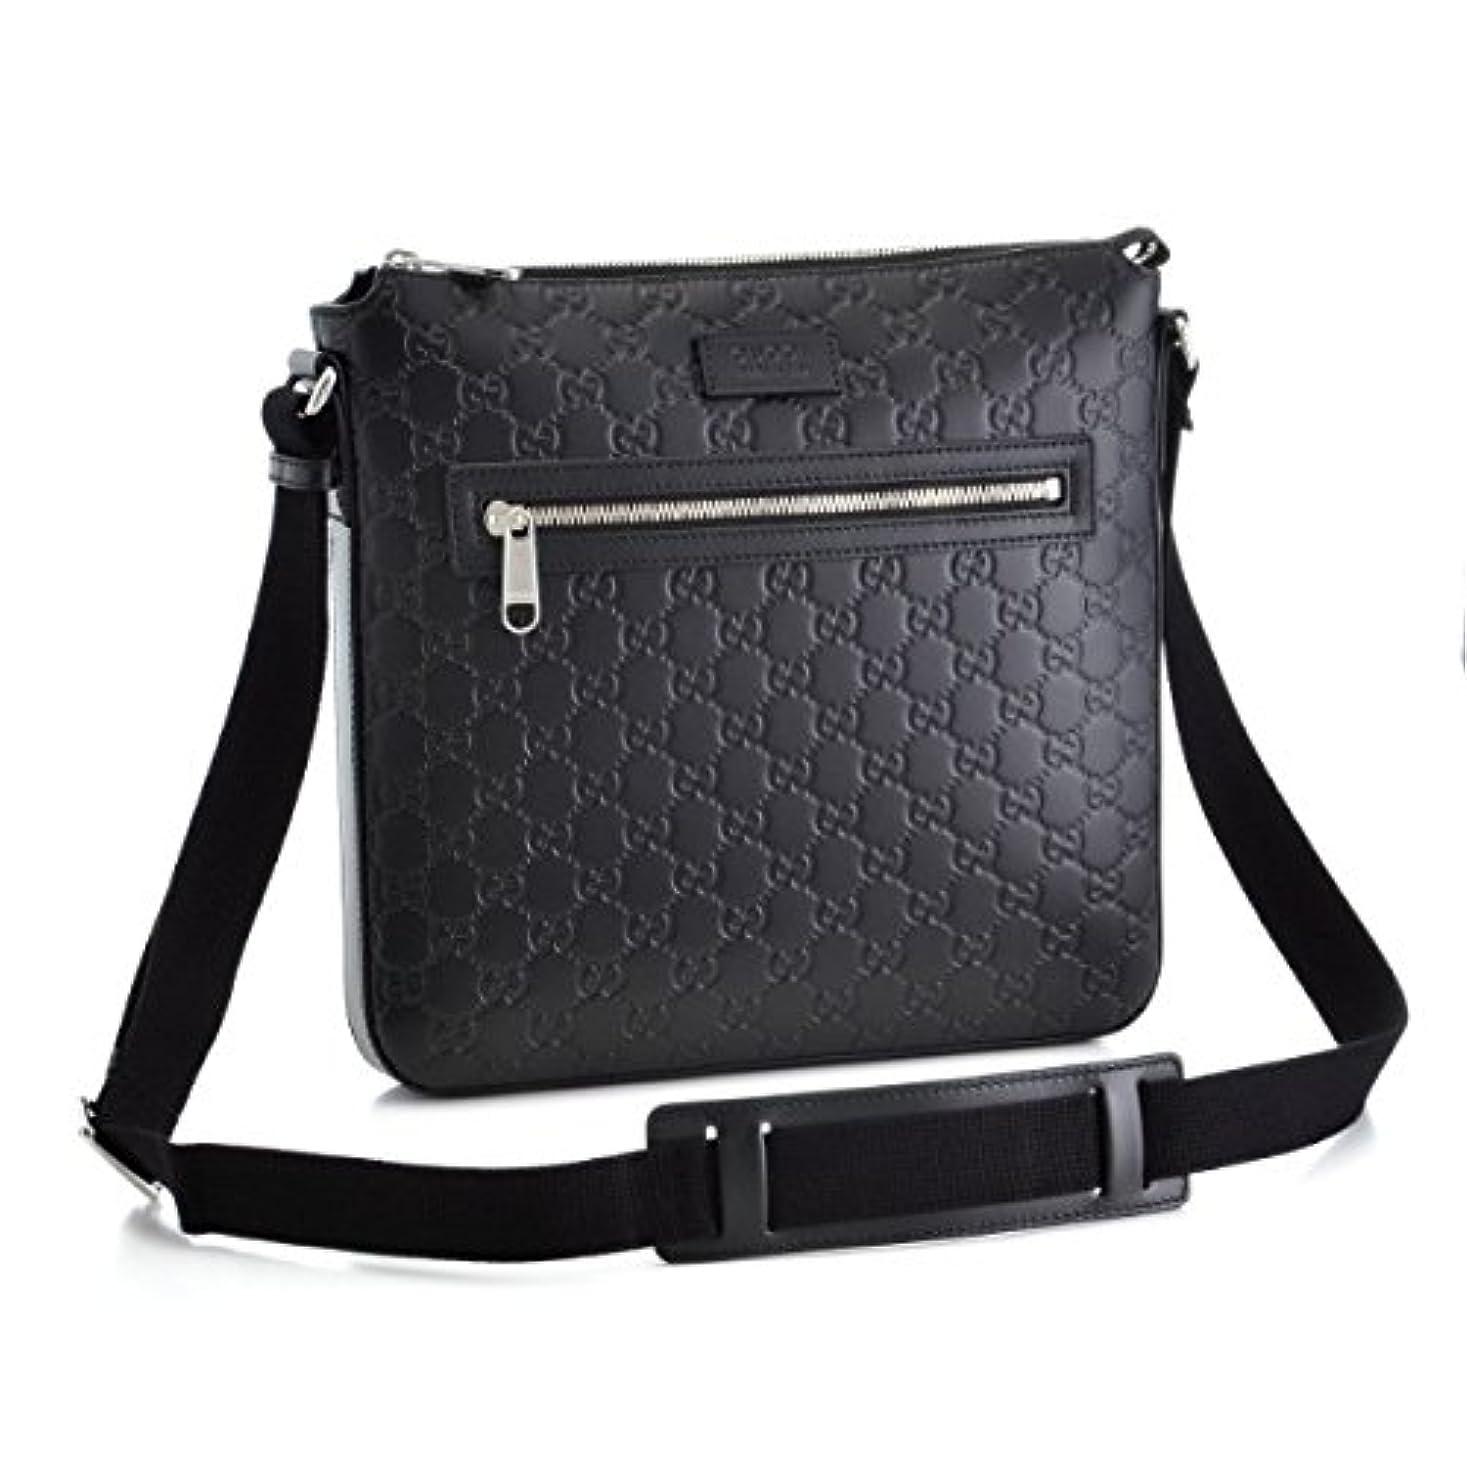 スーツトリクル独立してGUCCI(グッチ) バッグ メンズ Messenger Bags ショルダーバッグ ブラック 406408-CWCBN-1000 [並行輸入品]